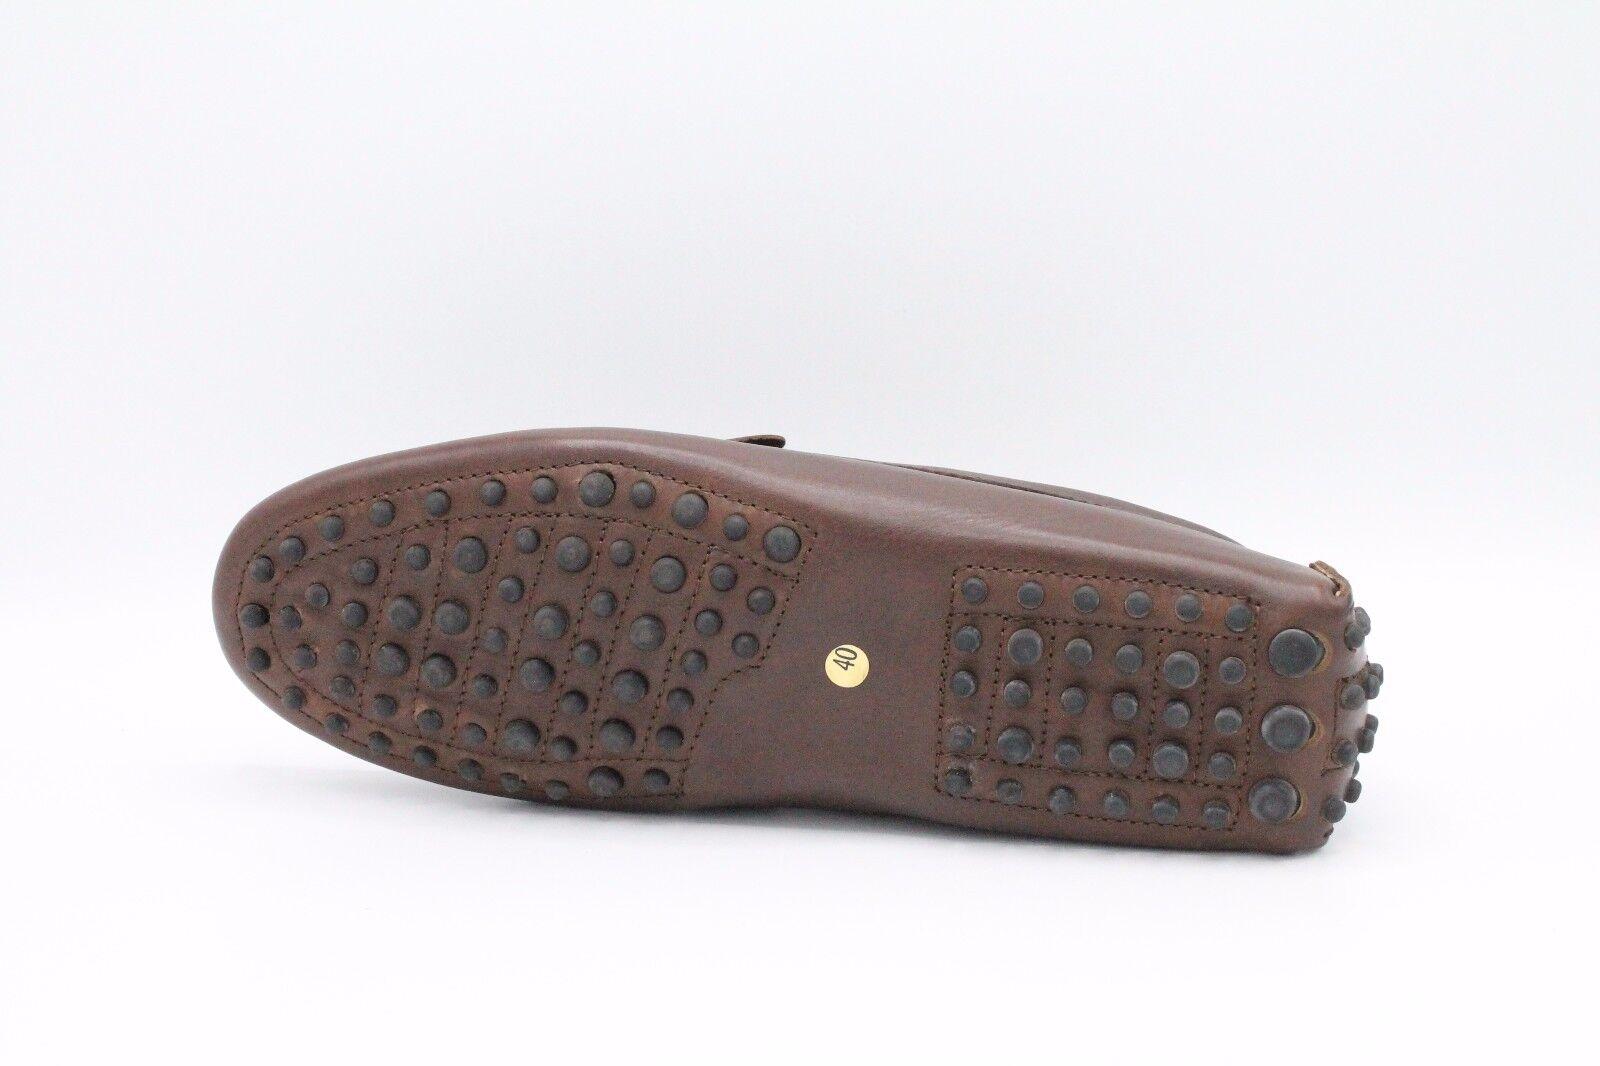 Baps/01 Mokassins Leder Herren Handwerk made in italy eine Sohle gommino GENÄHT